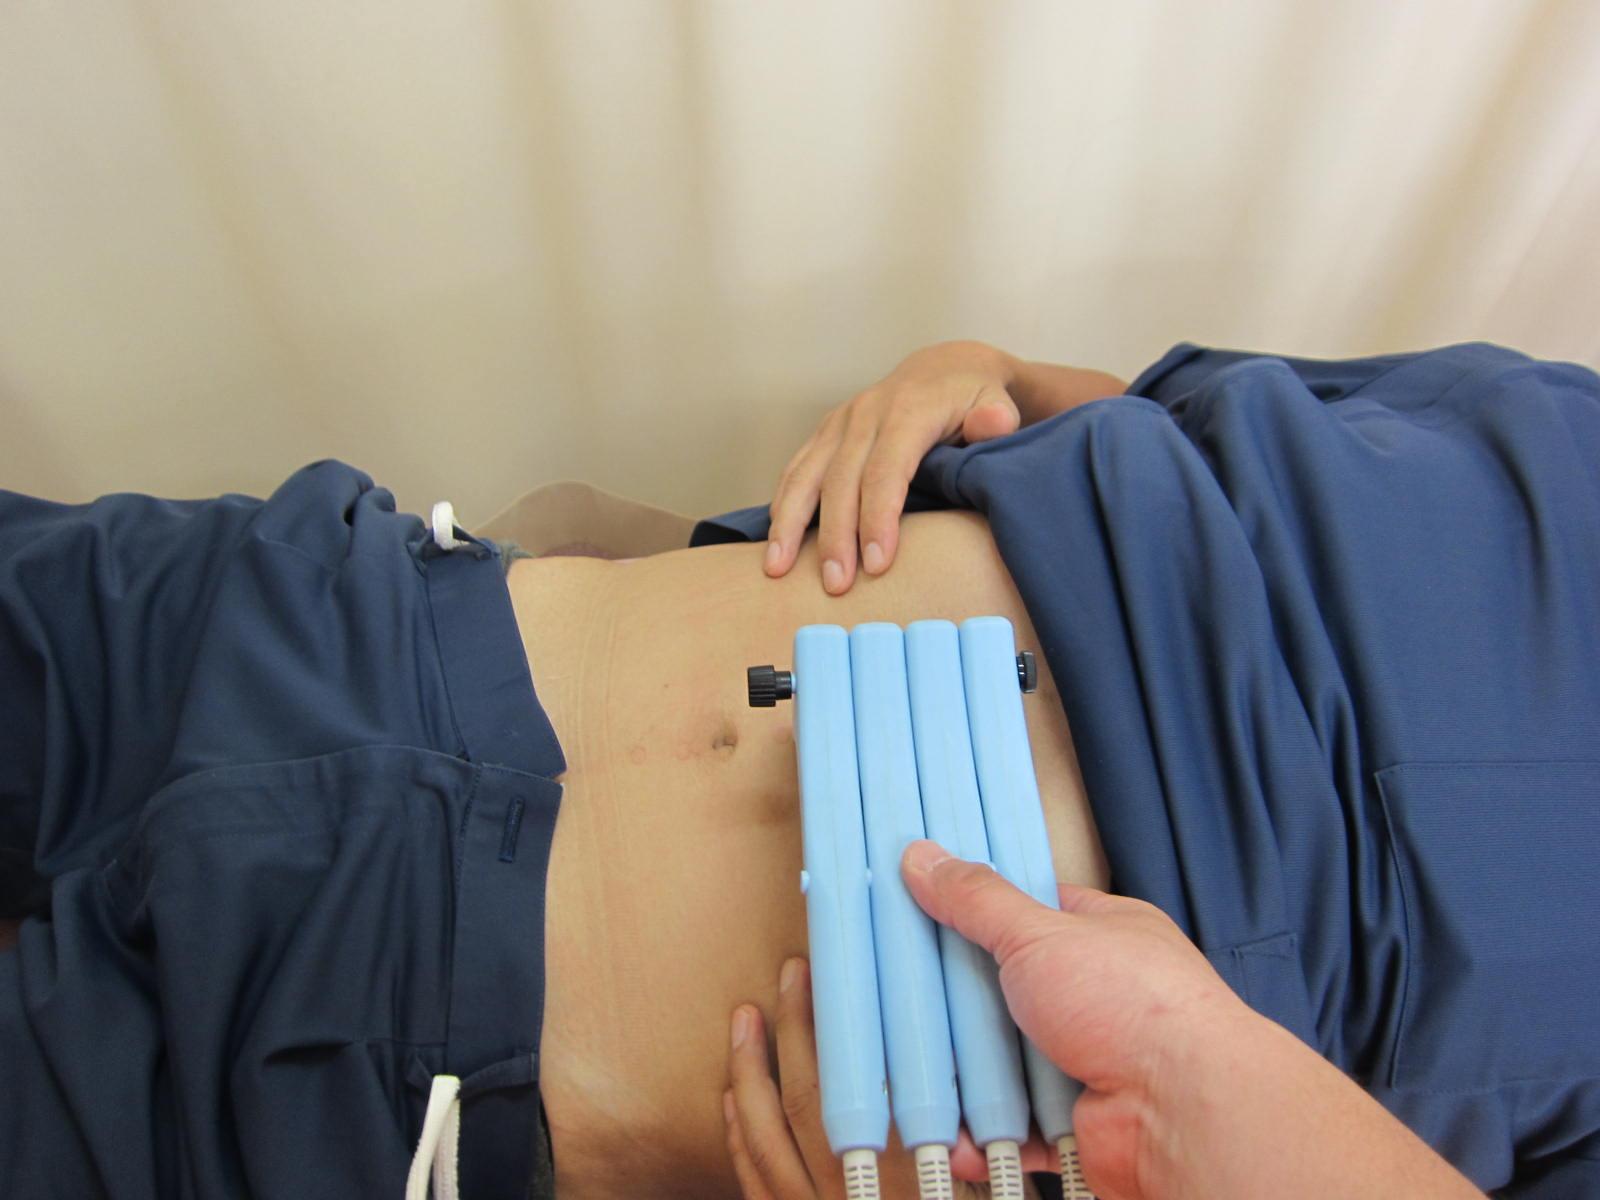 横浜の治療院で変形性膝関節症の治療をしている写真